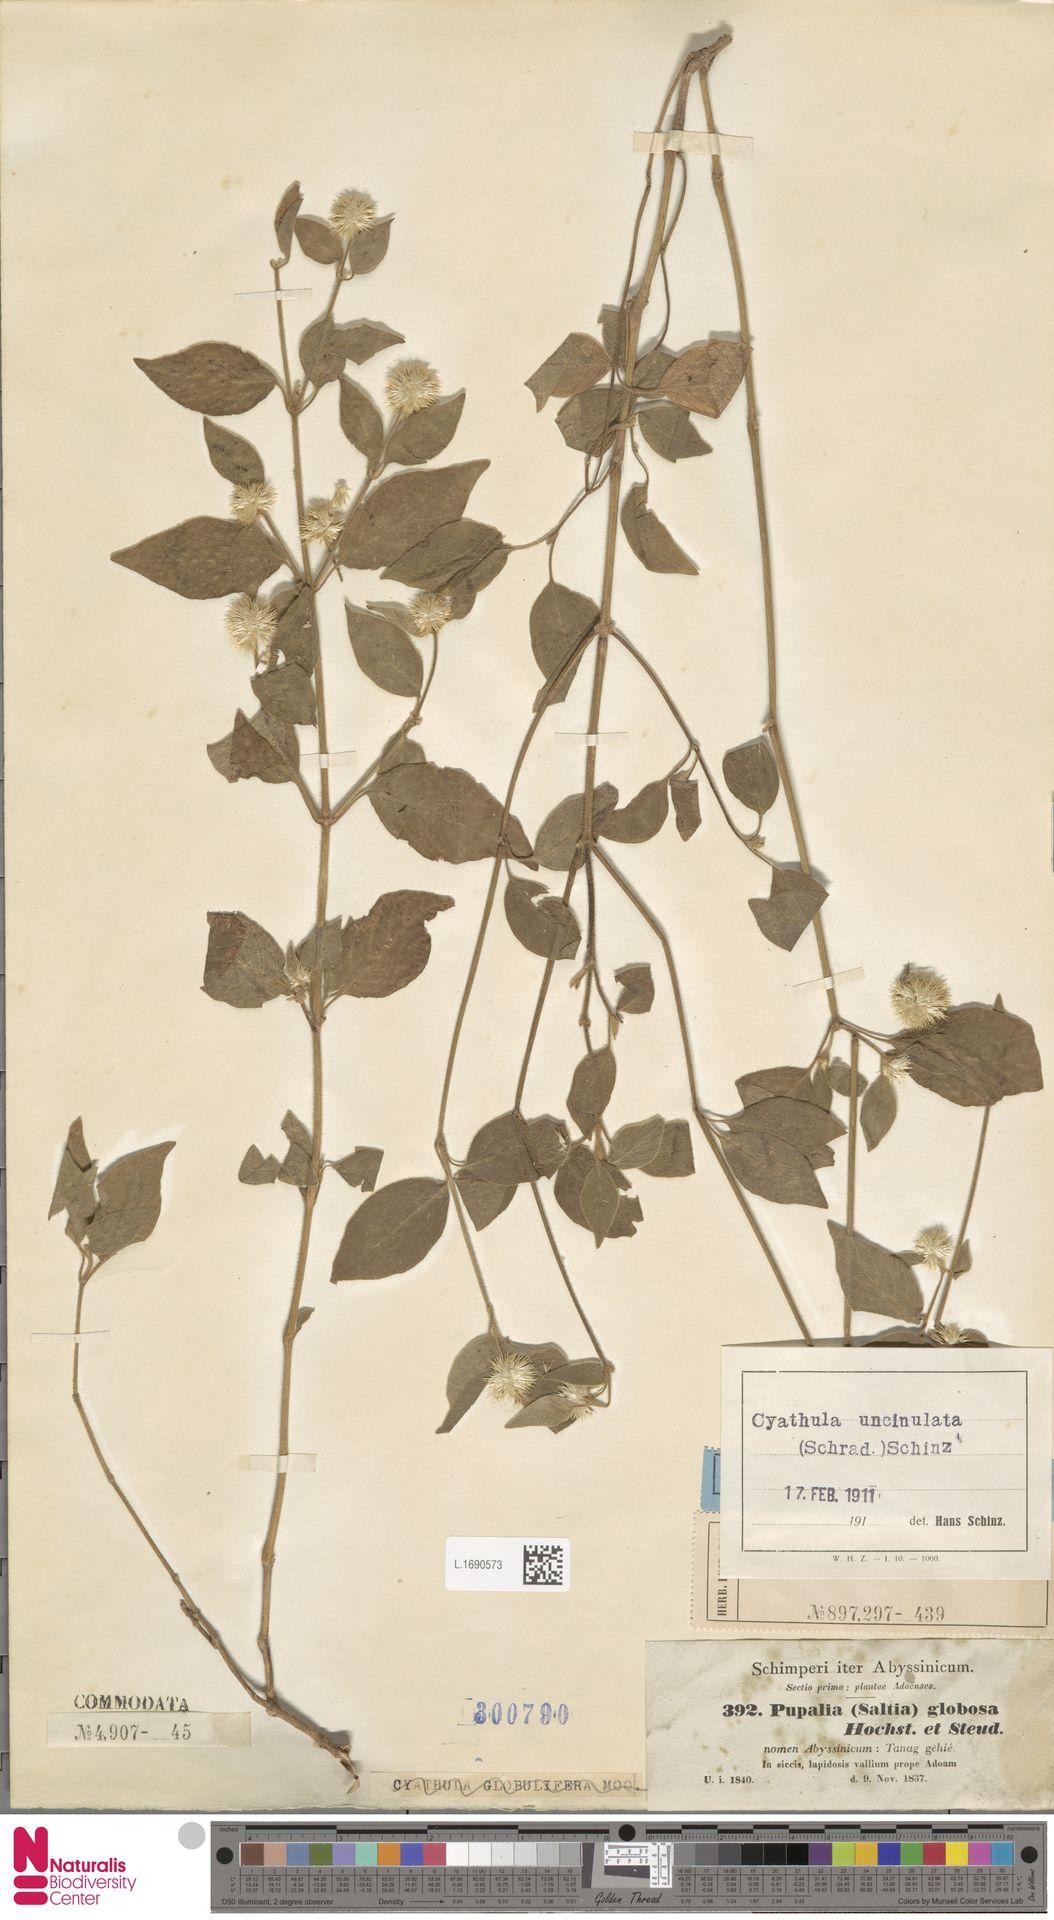 L.1690573 | Cyathula uncinulata (Schrad.) Schinz